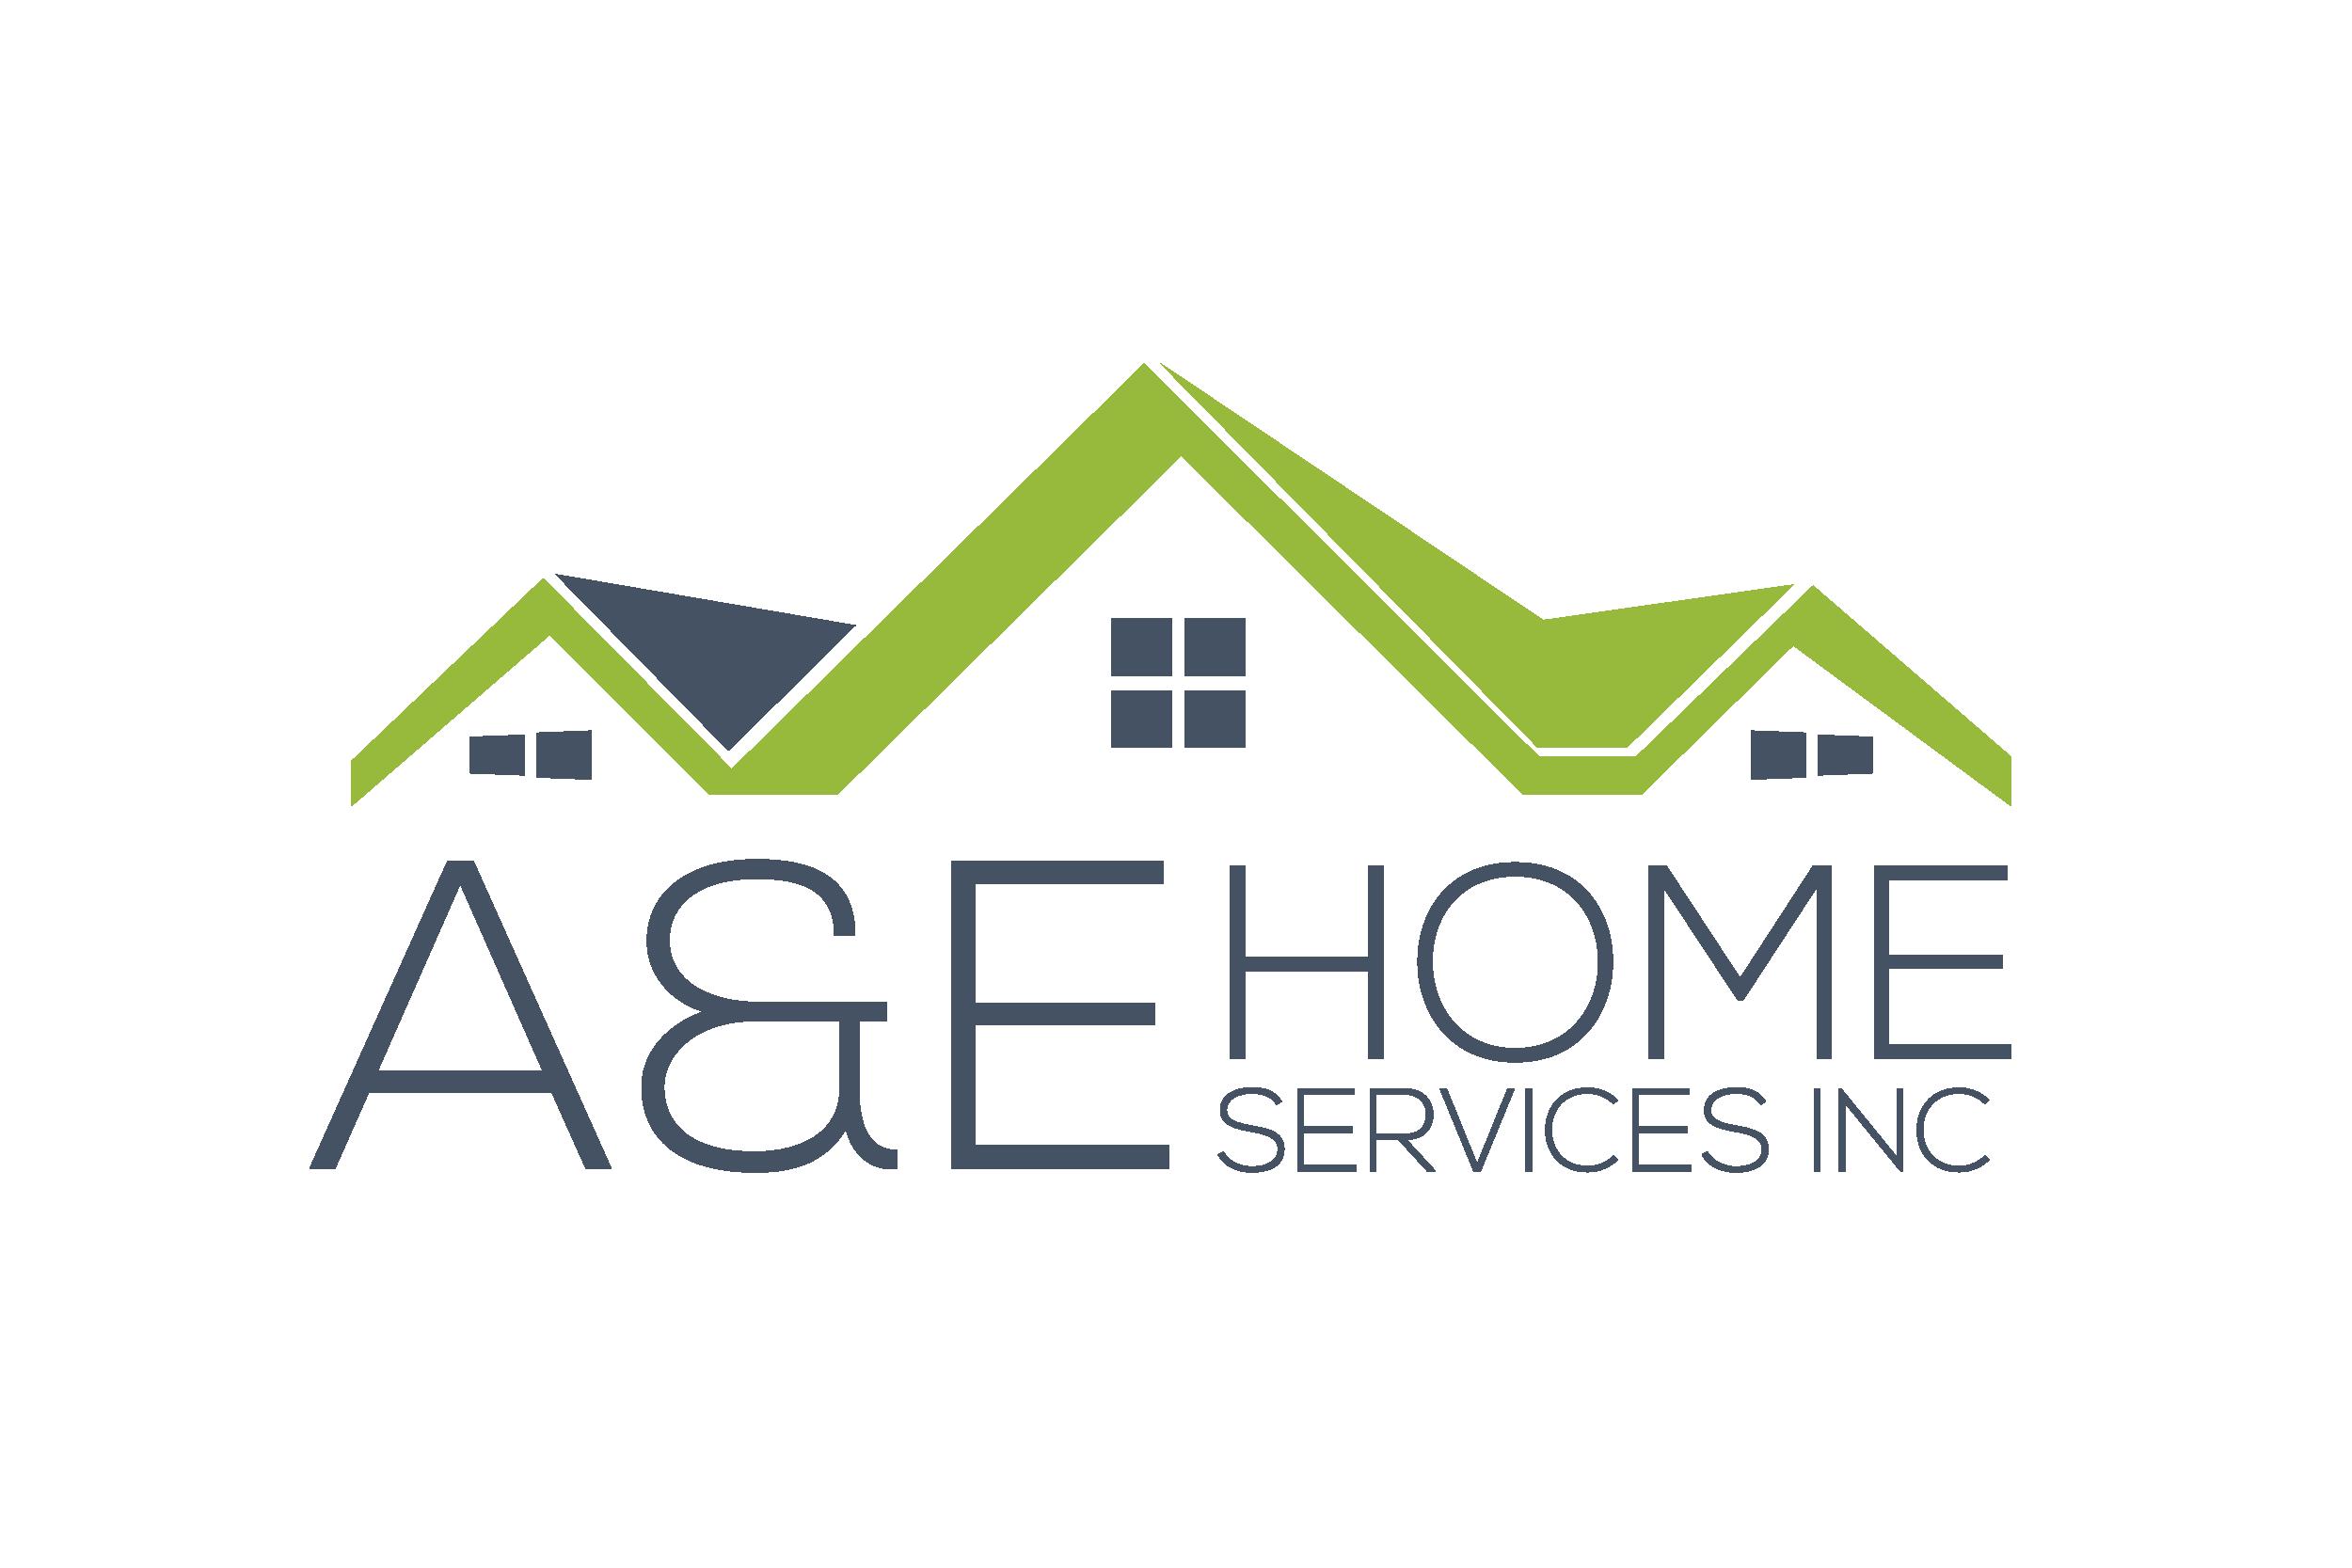 A e home services   final files 01